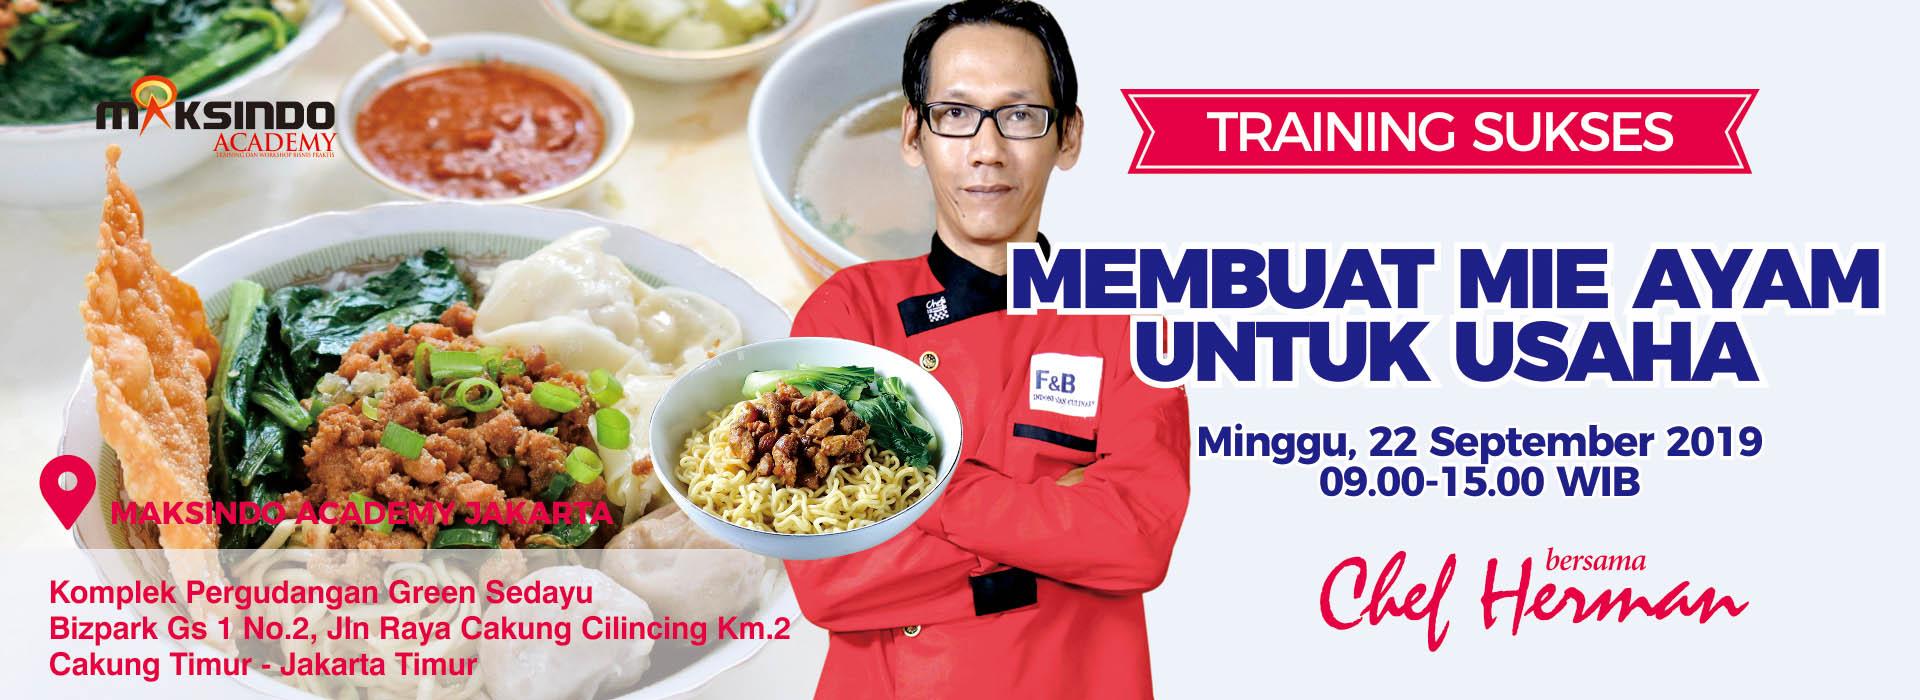 Toko Mesin Maksindo Medan 2